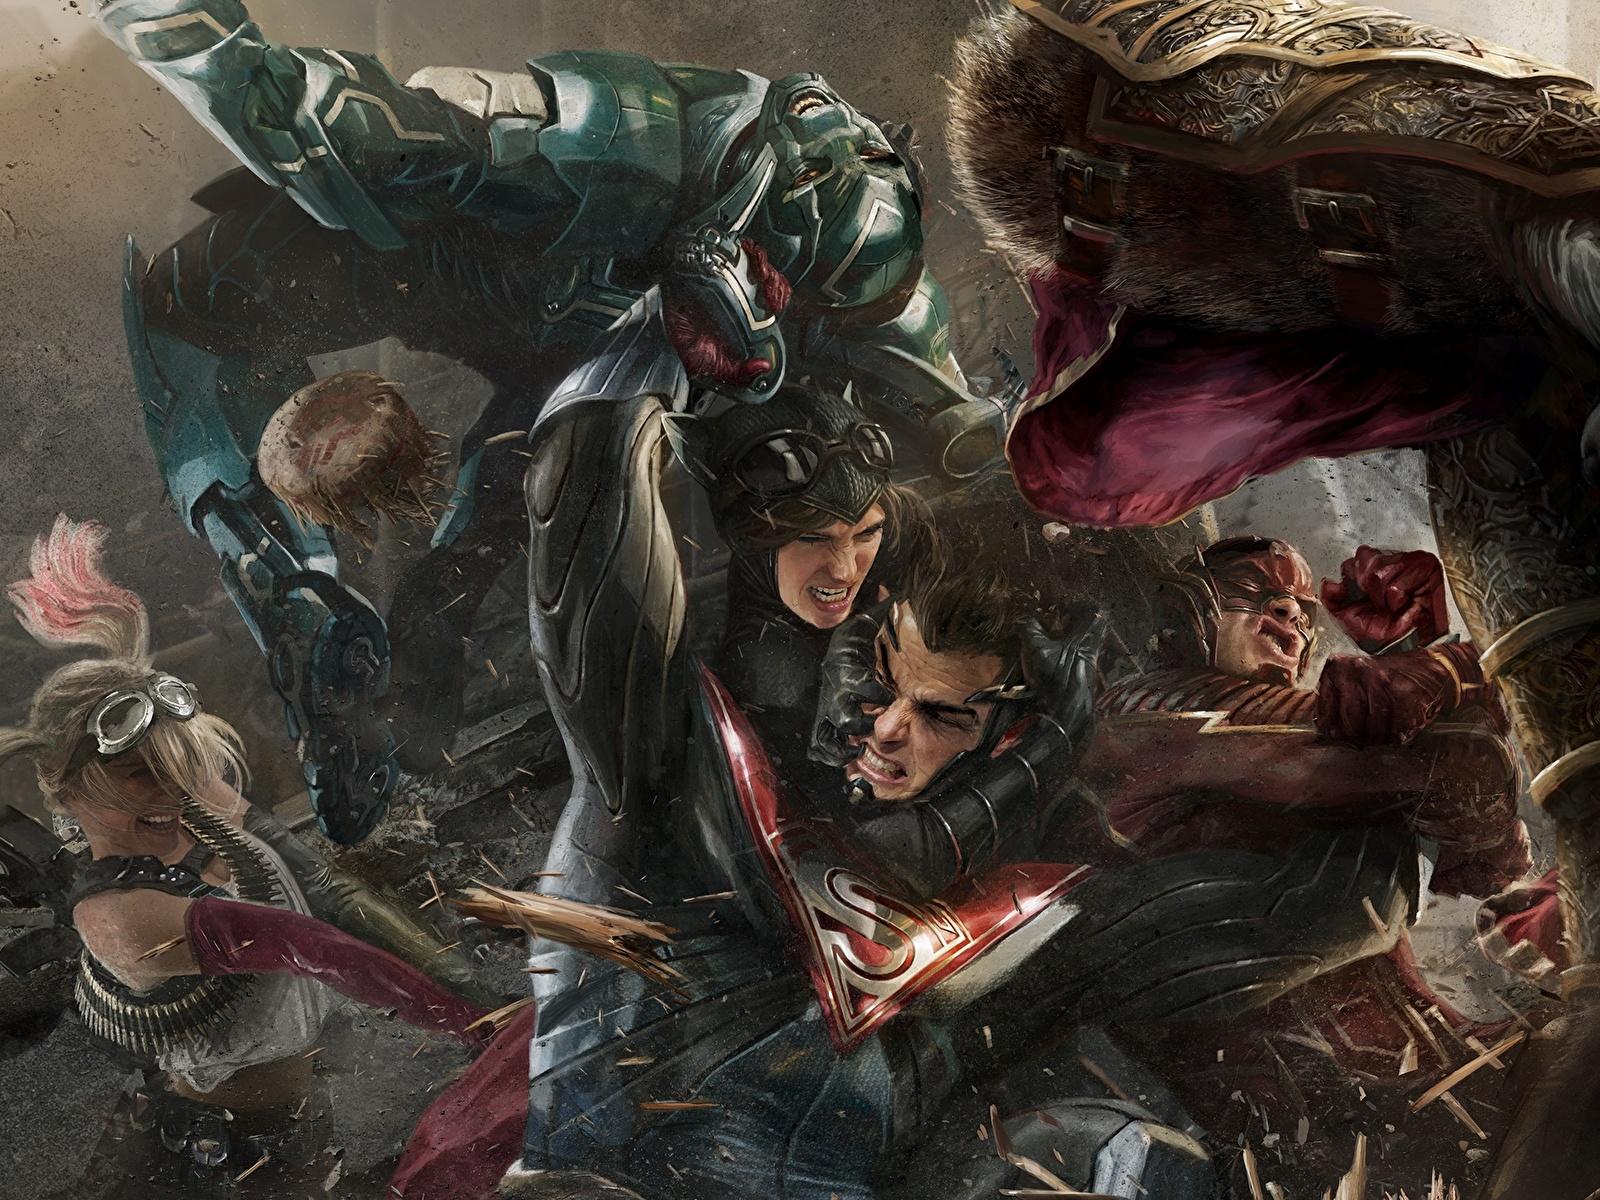 Bilder von Injustice 2 Superhelden Flash Held Superman Held Fantasy Schlägerei computerspiel 1600x1200 Comic-Helden Spiele